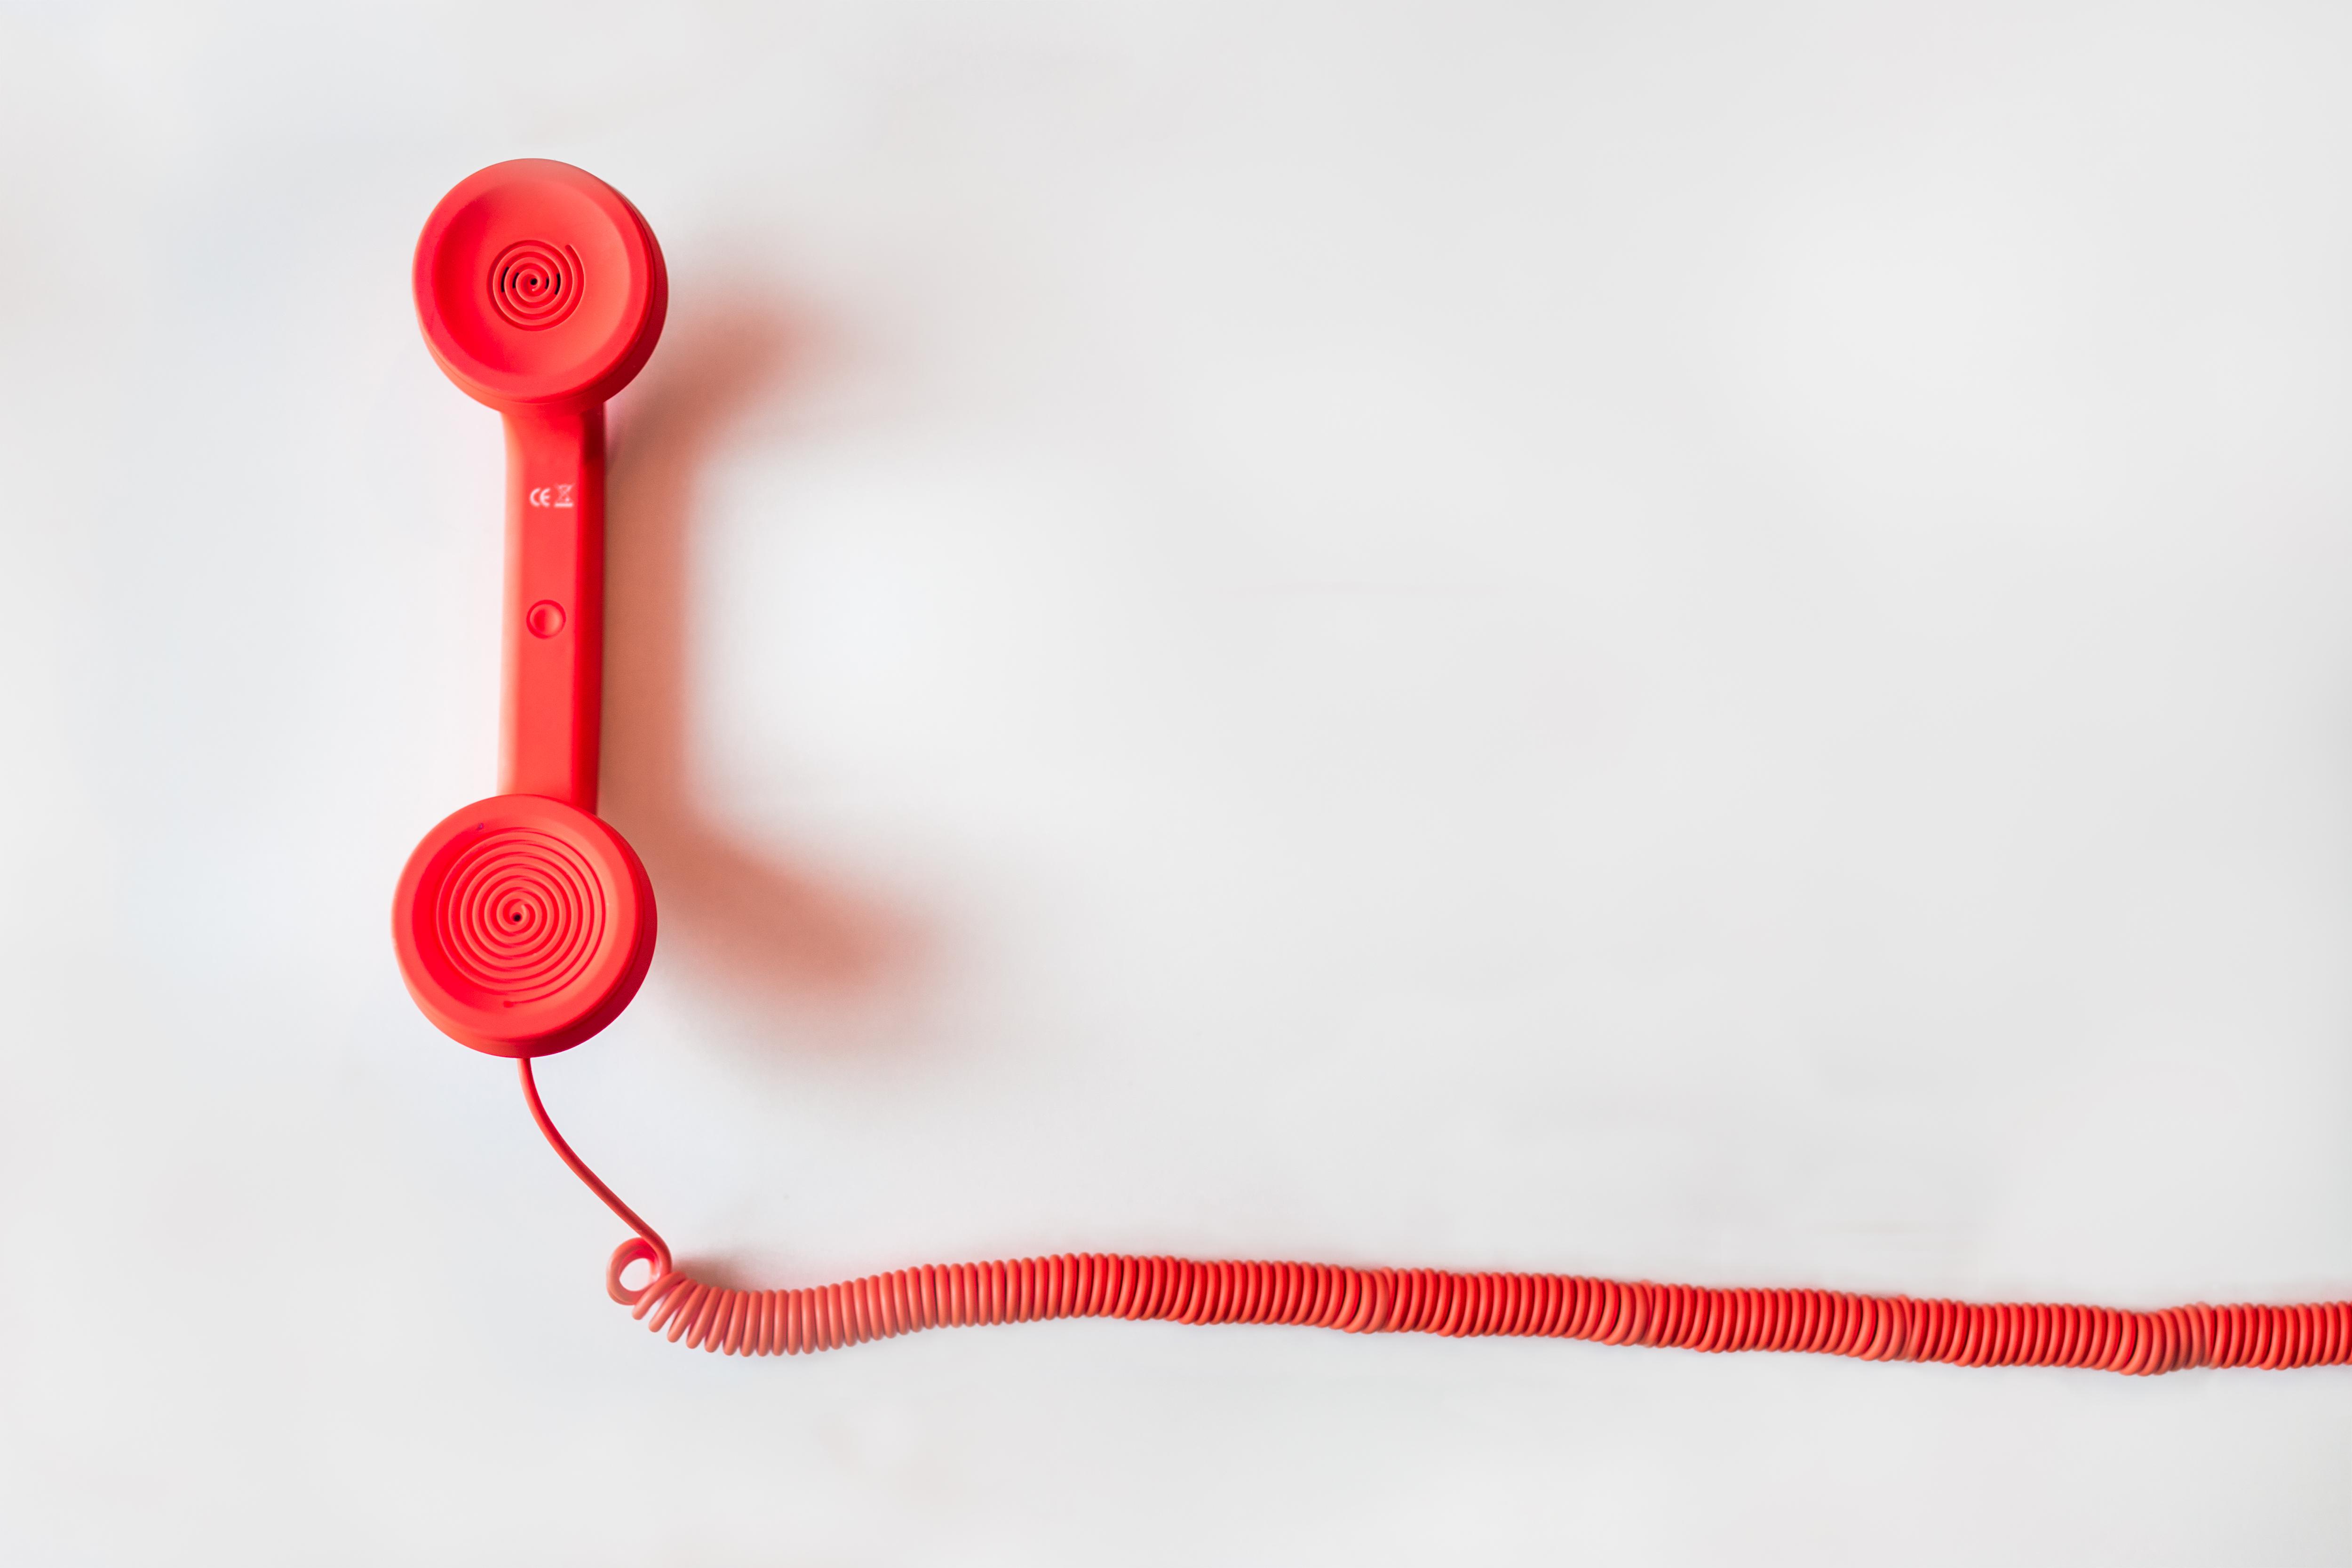 Nach Bewerbung Nachfragen Anrufen Und Neue Strategien